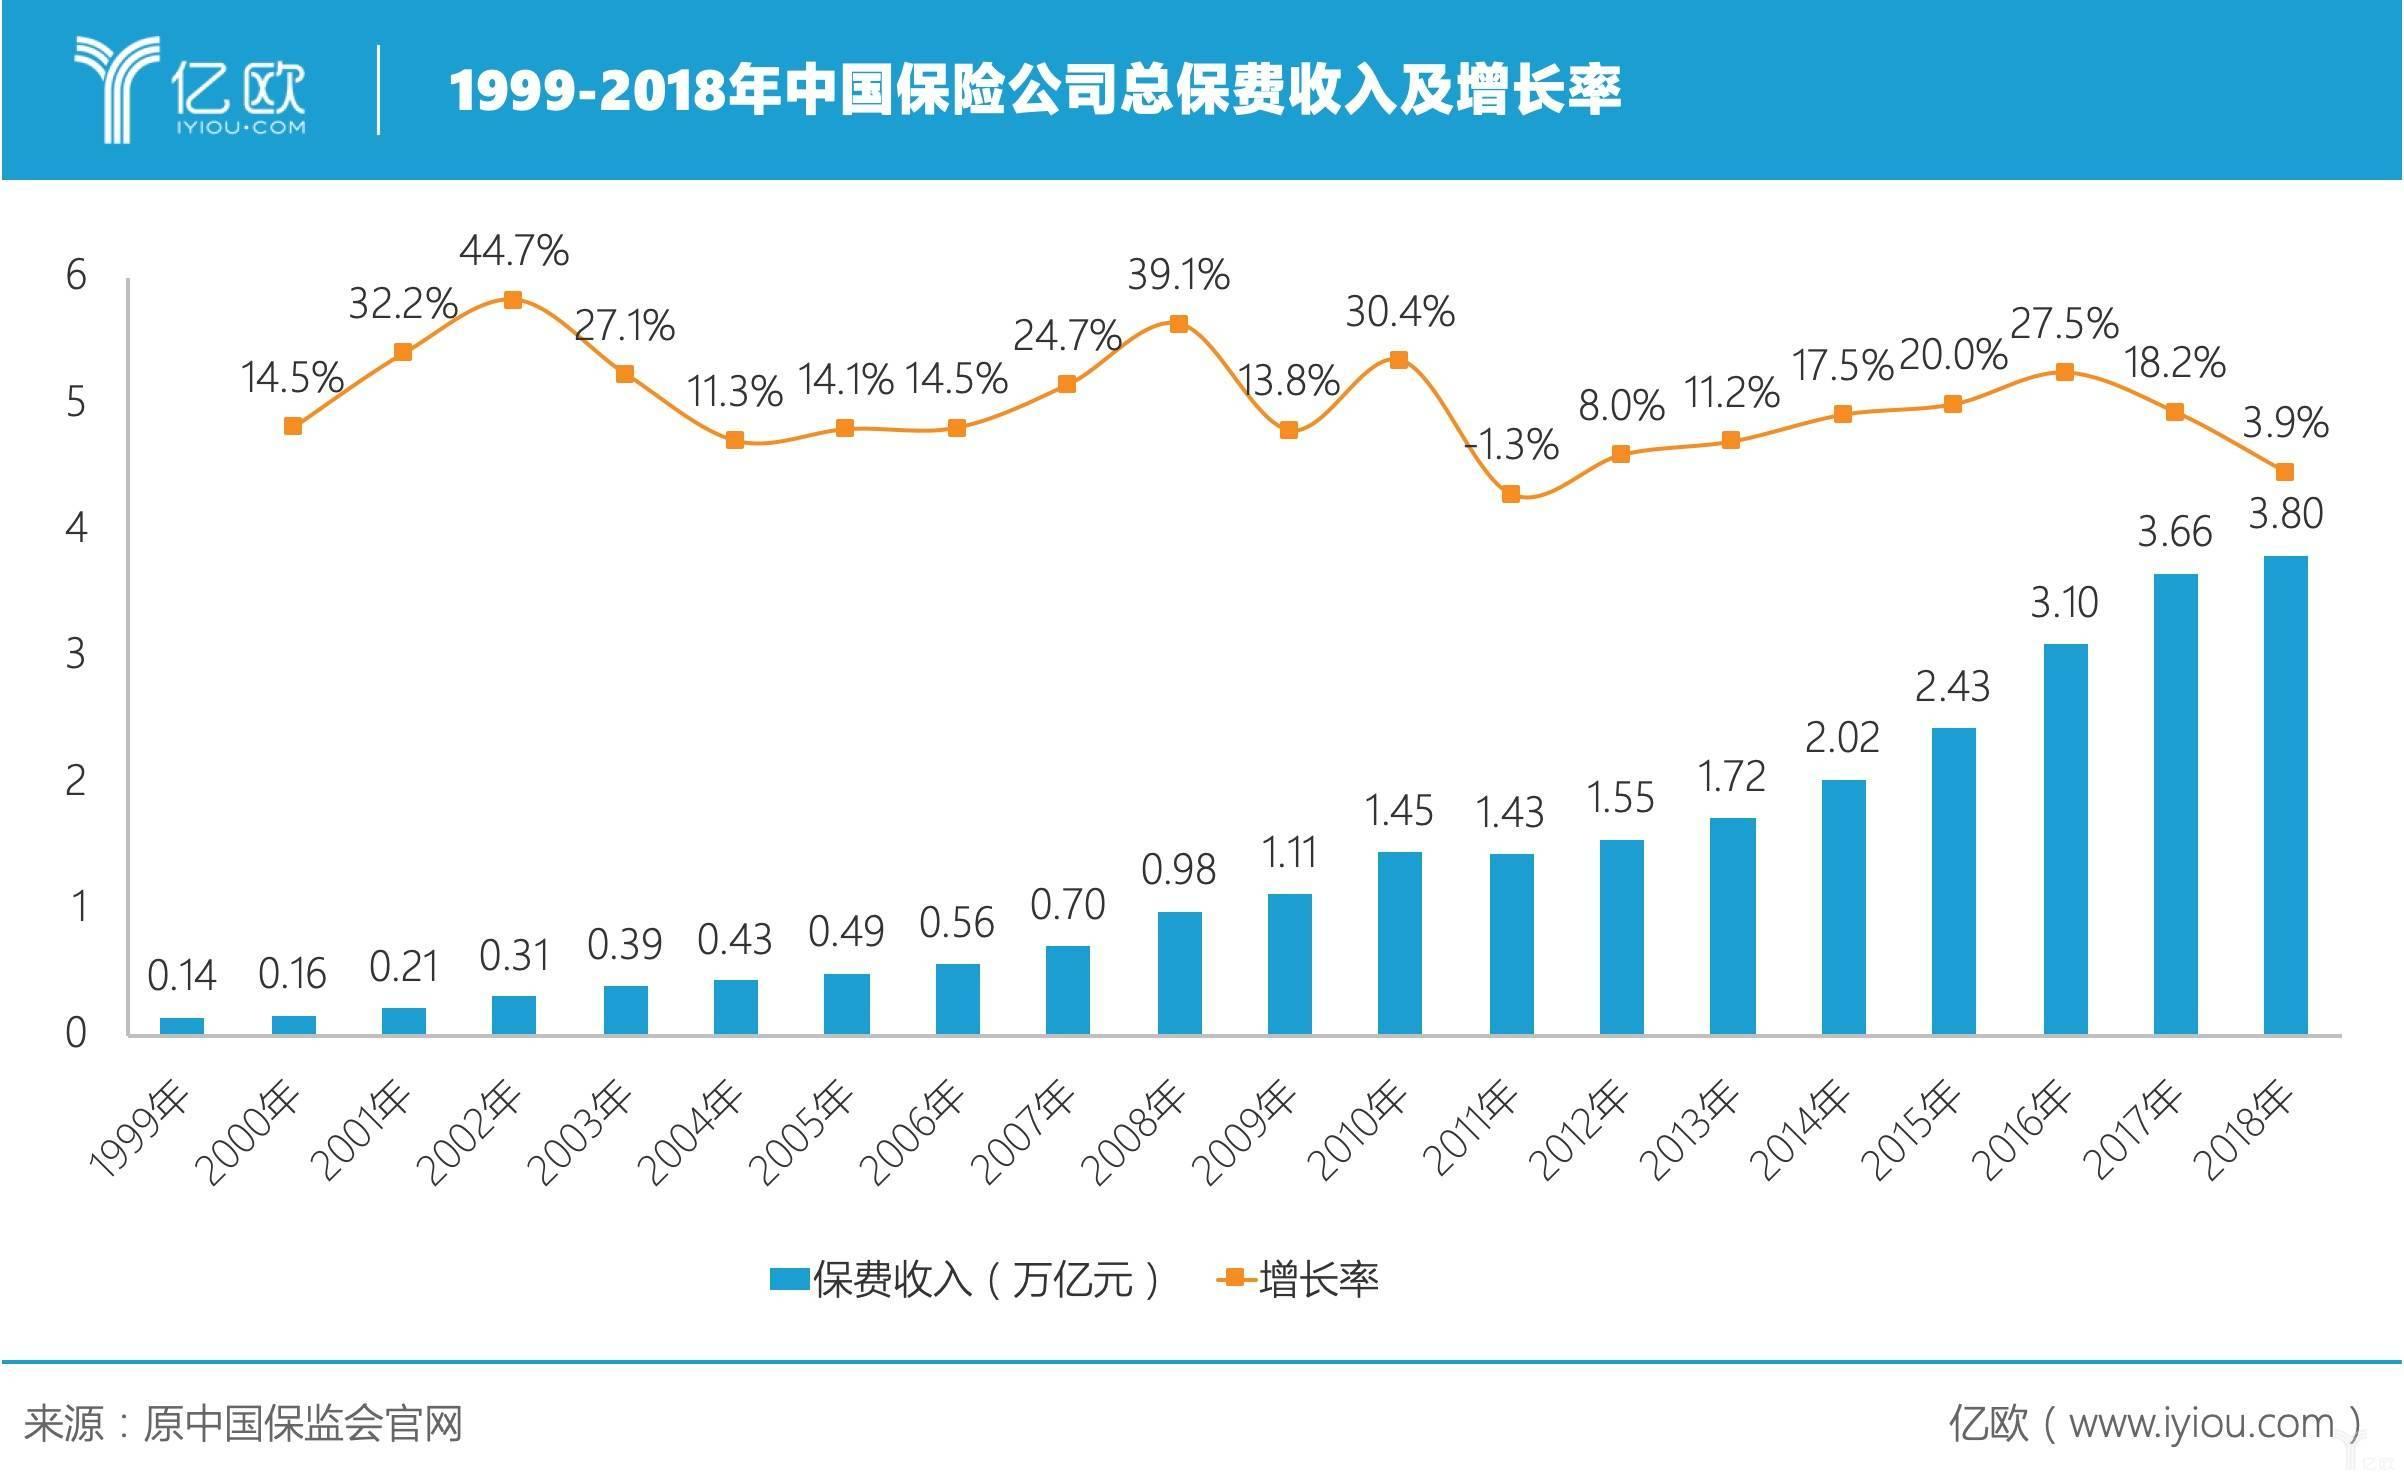 亿欧智库:1999-2018年中国保险共公司总保费收入及增长率